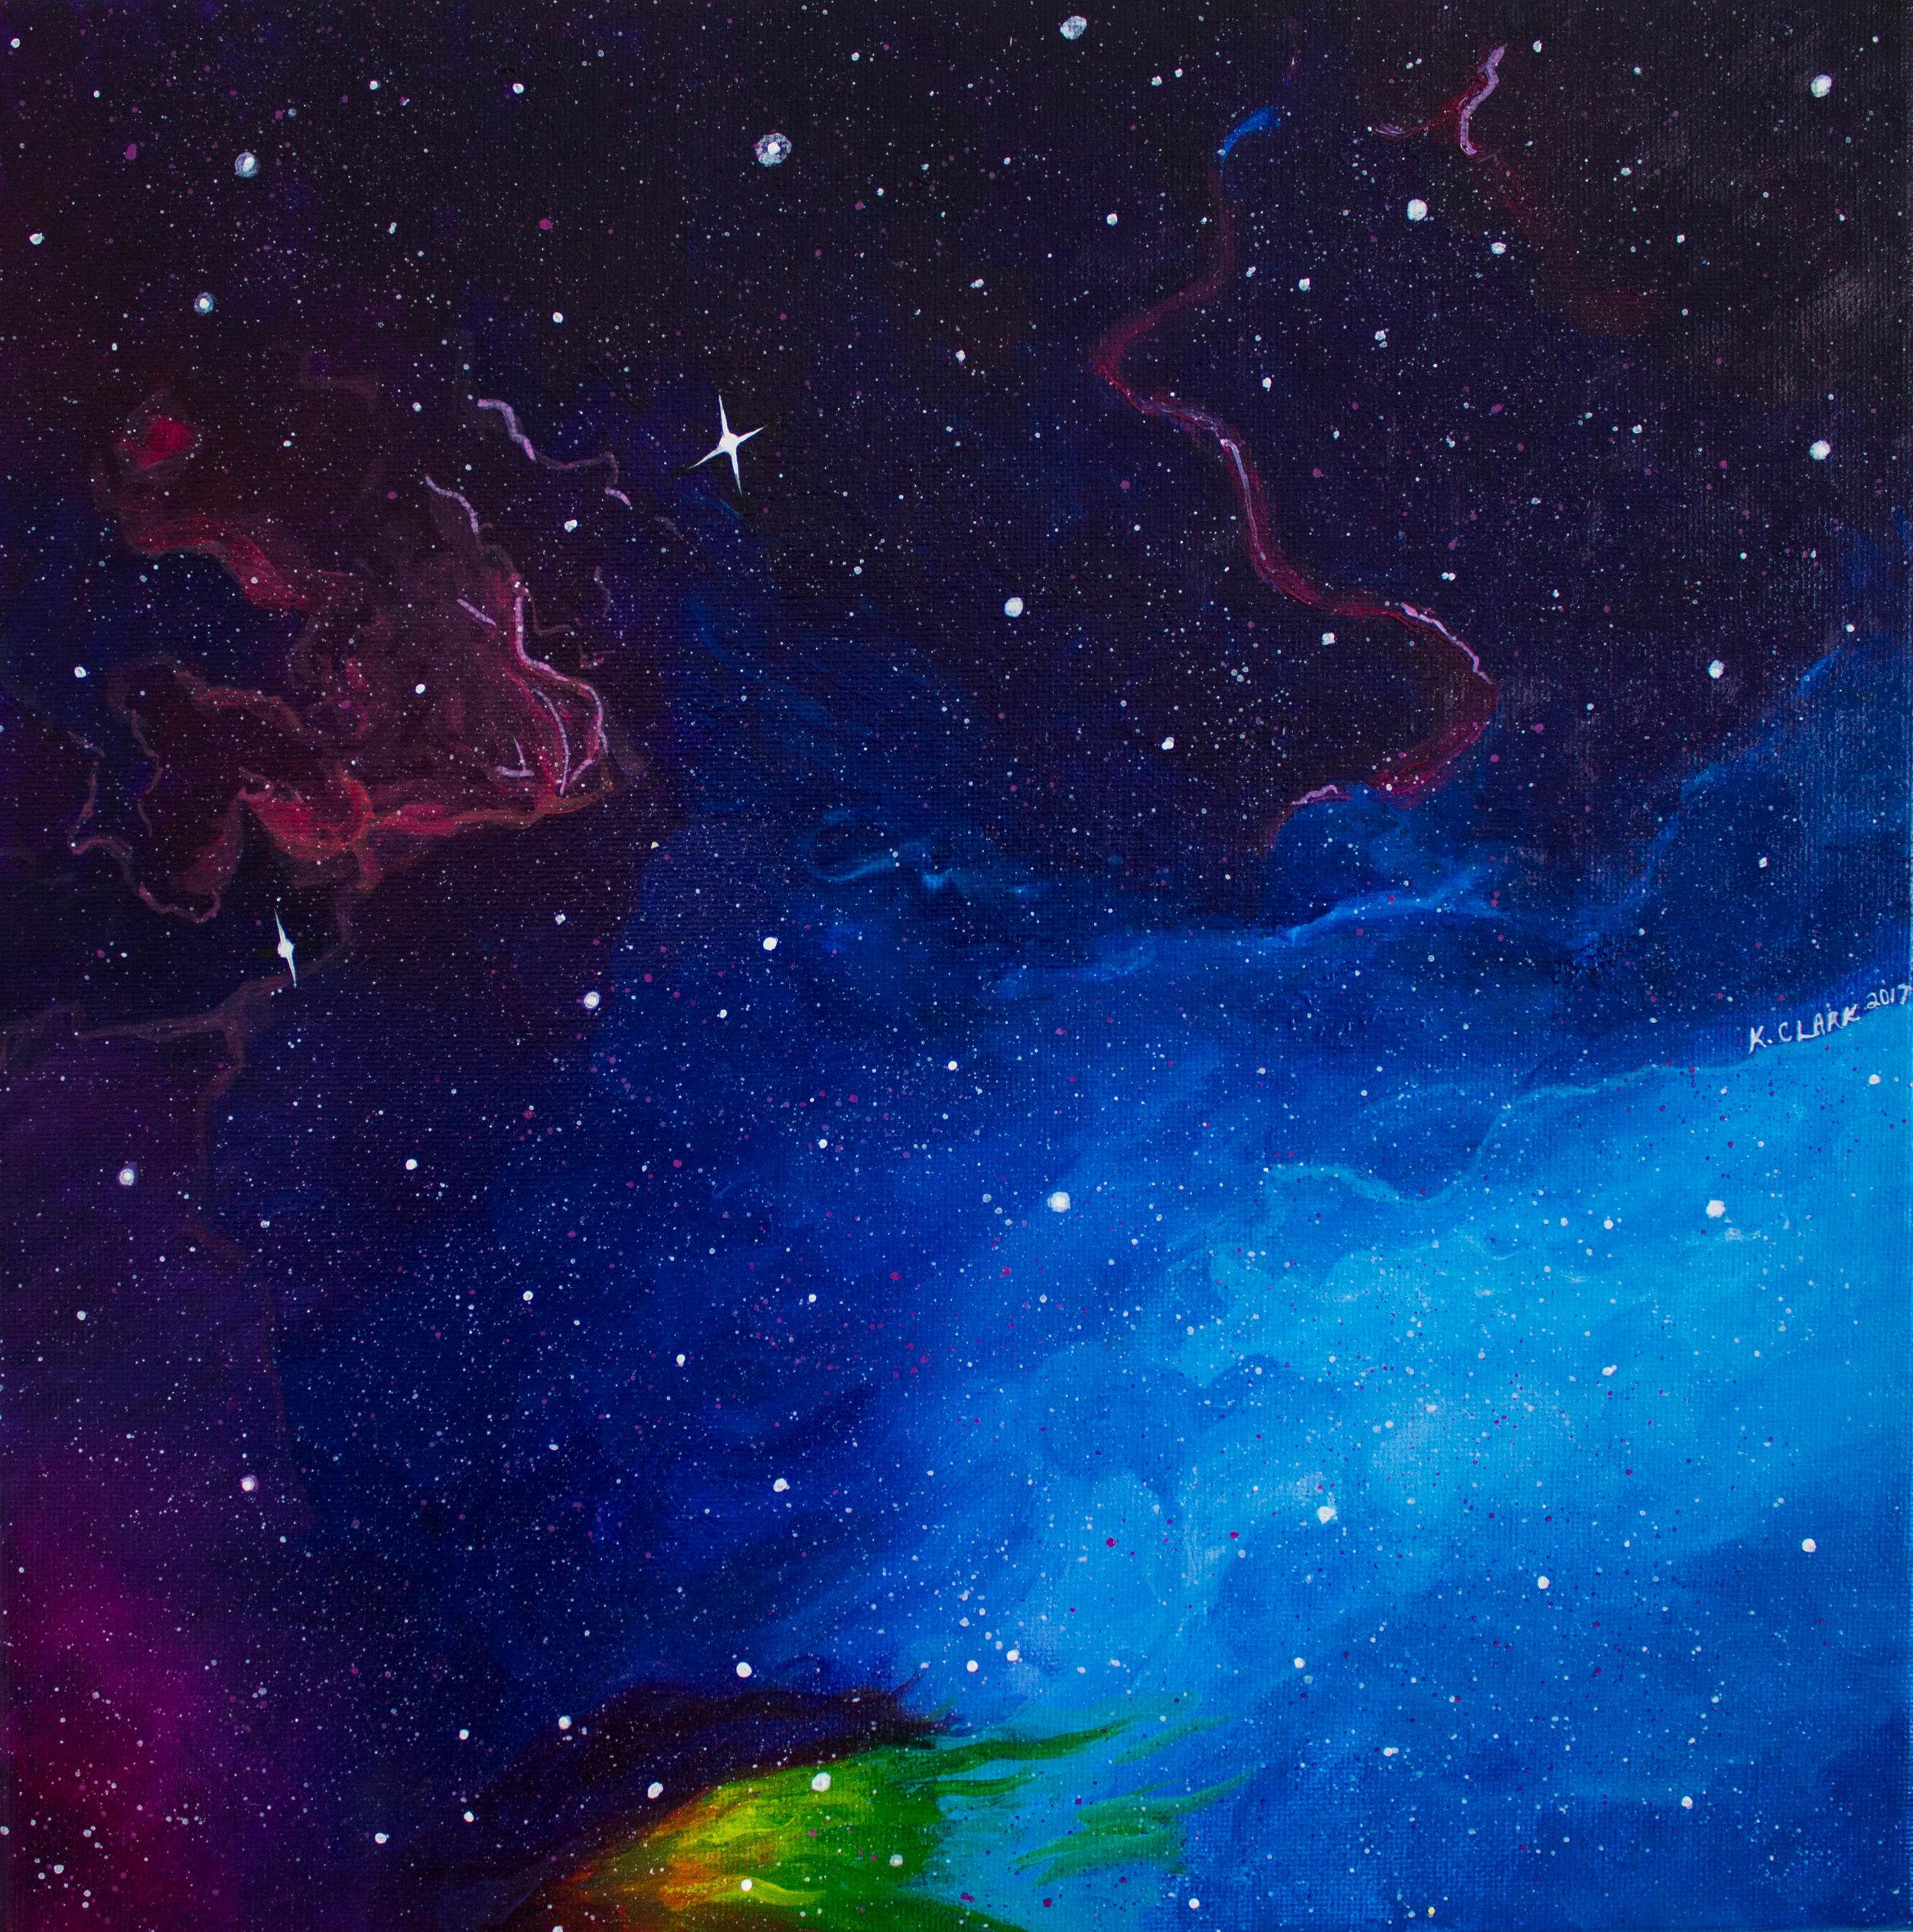 12 x 12 acrylic on canvas